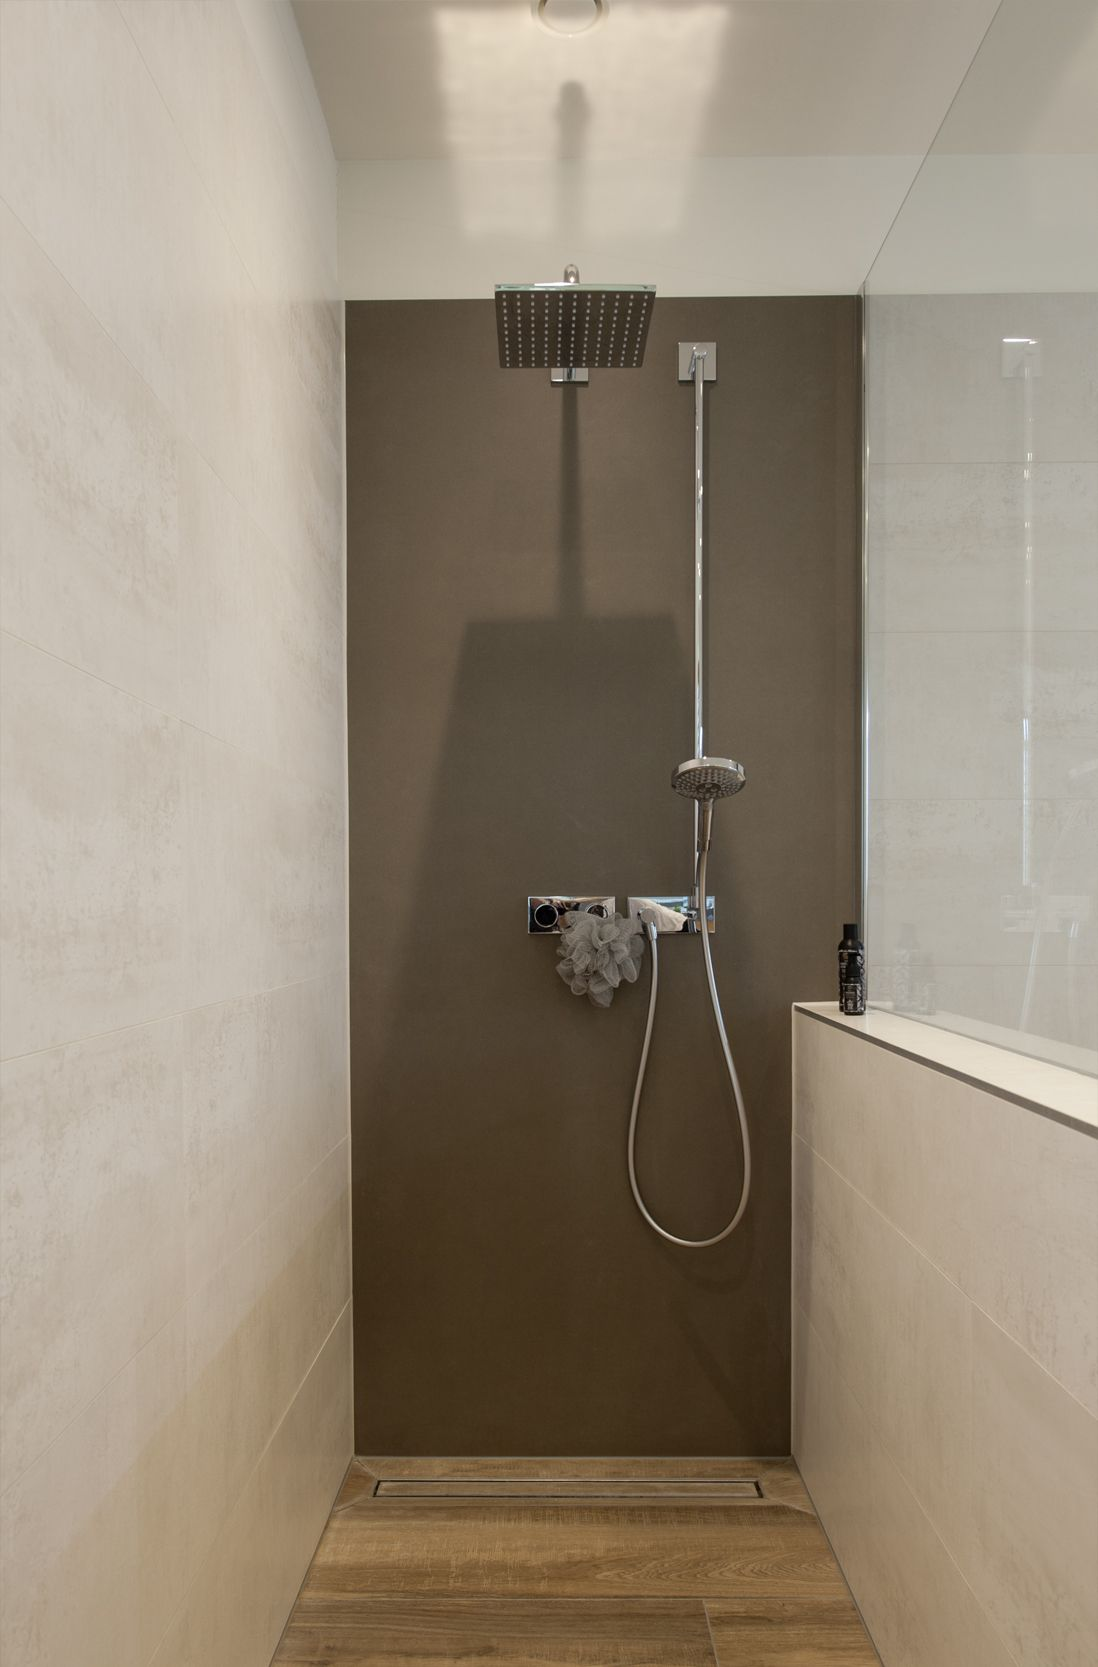 Satinierte Begehbare Dusche Nach Mass One Bath Badezimmer Dusche Ebenerdig Satinierte Begehbare Dusche Nach Mass Badezimmer Dusche E In 2020 Home Decor Home Bathtub